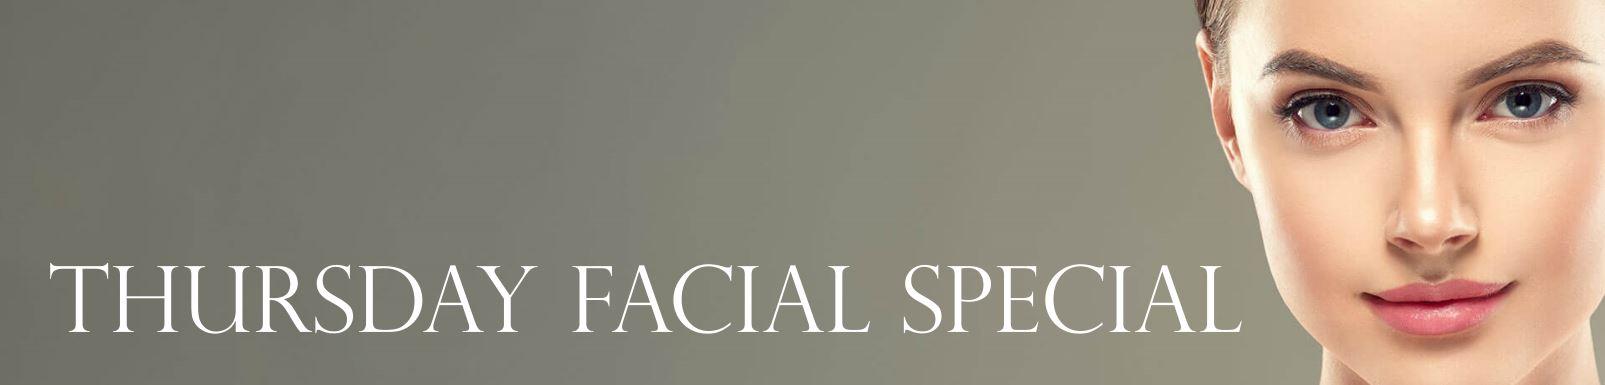 Healing Stone Emporium Spa Facial Special